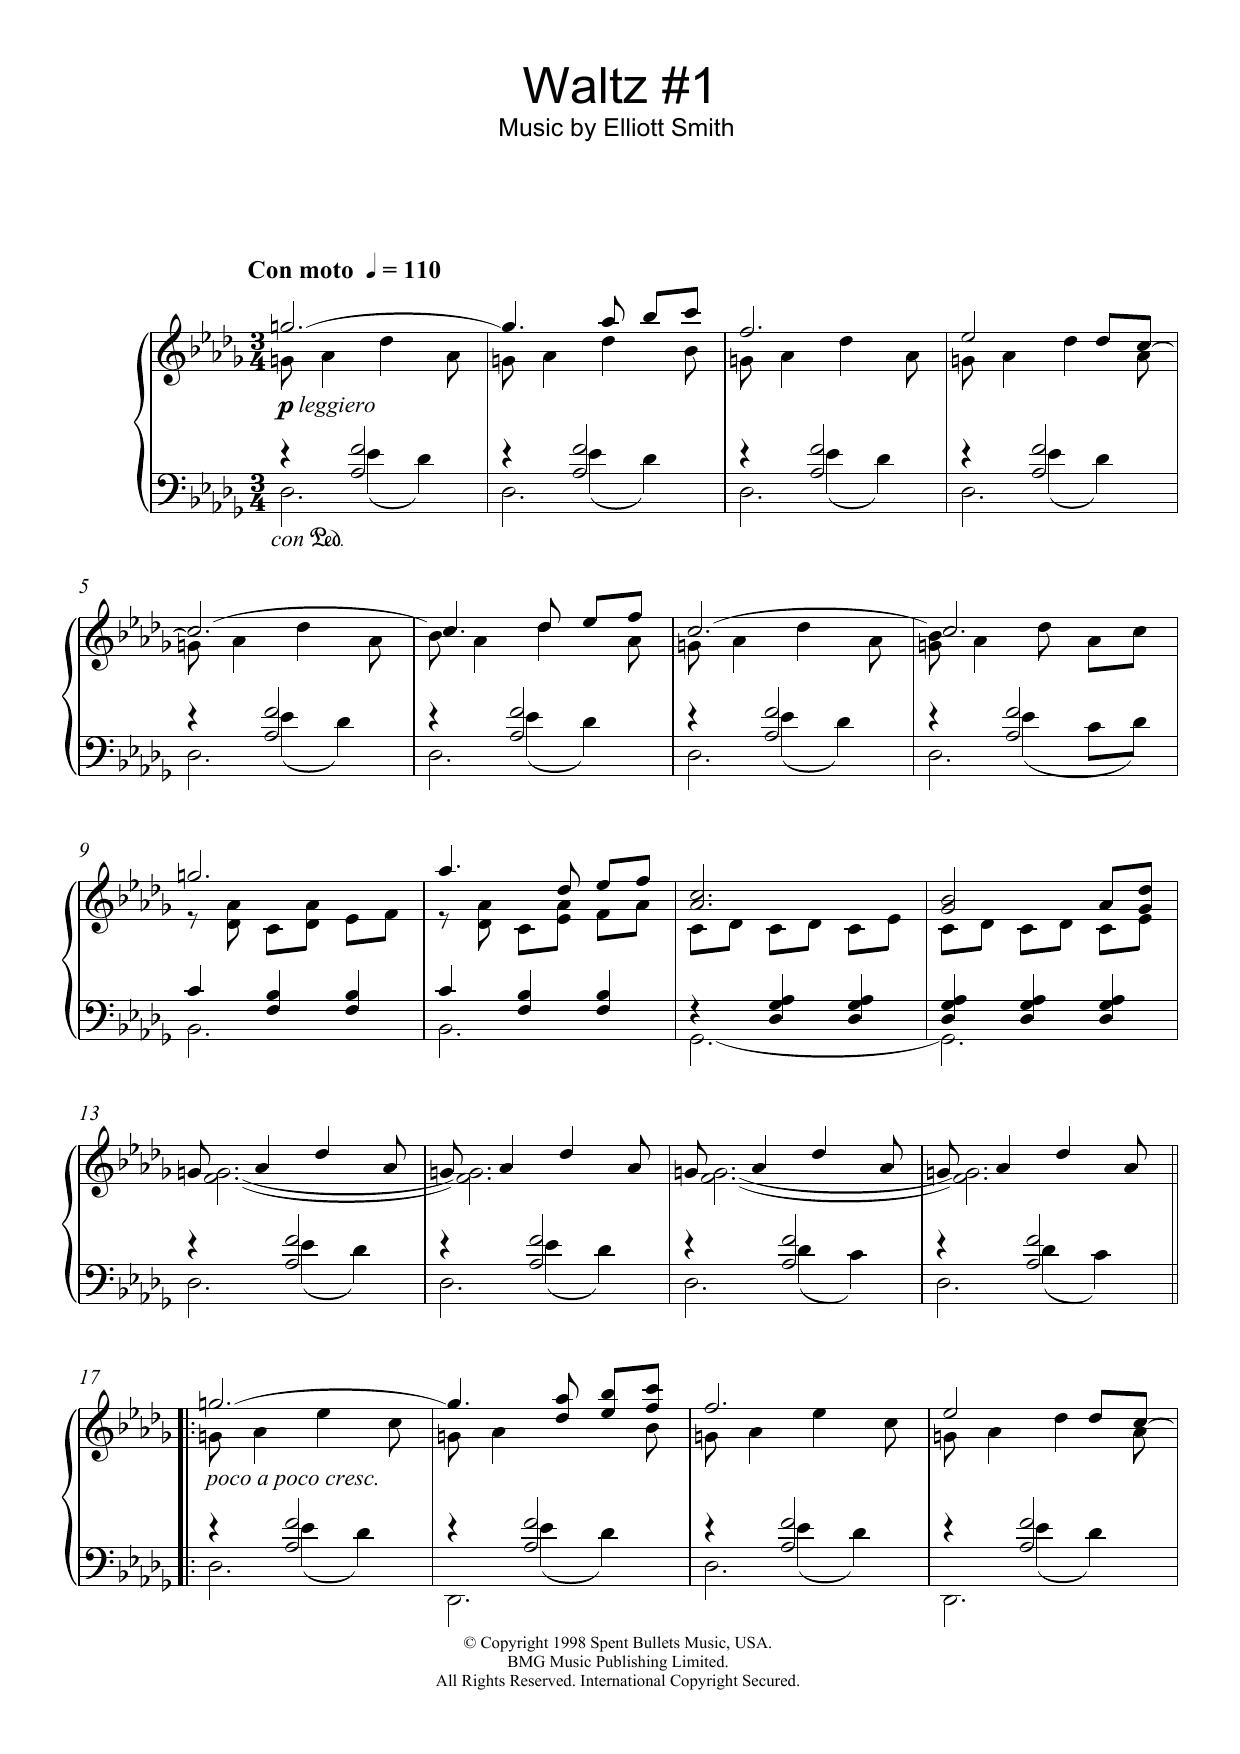 Waltz #1 Sheet Music